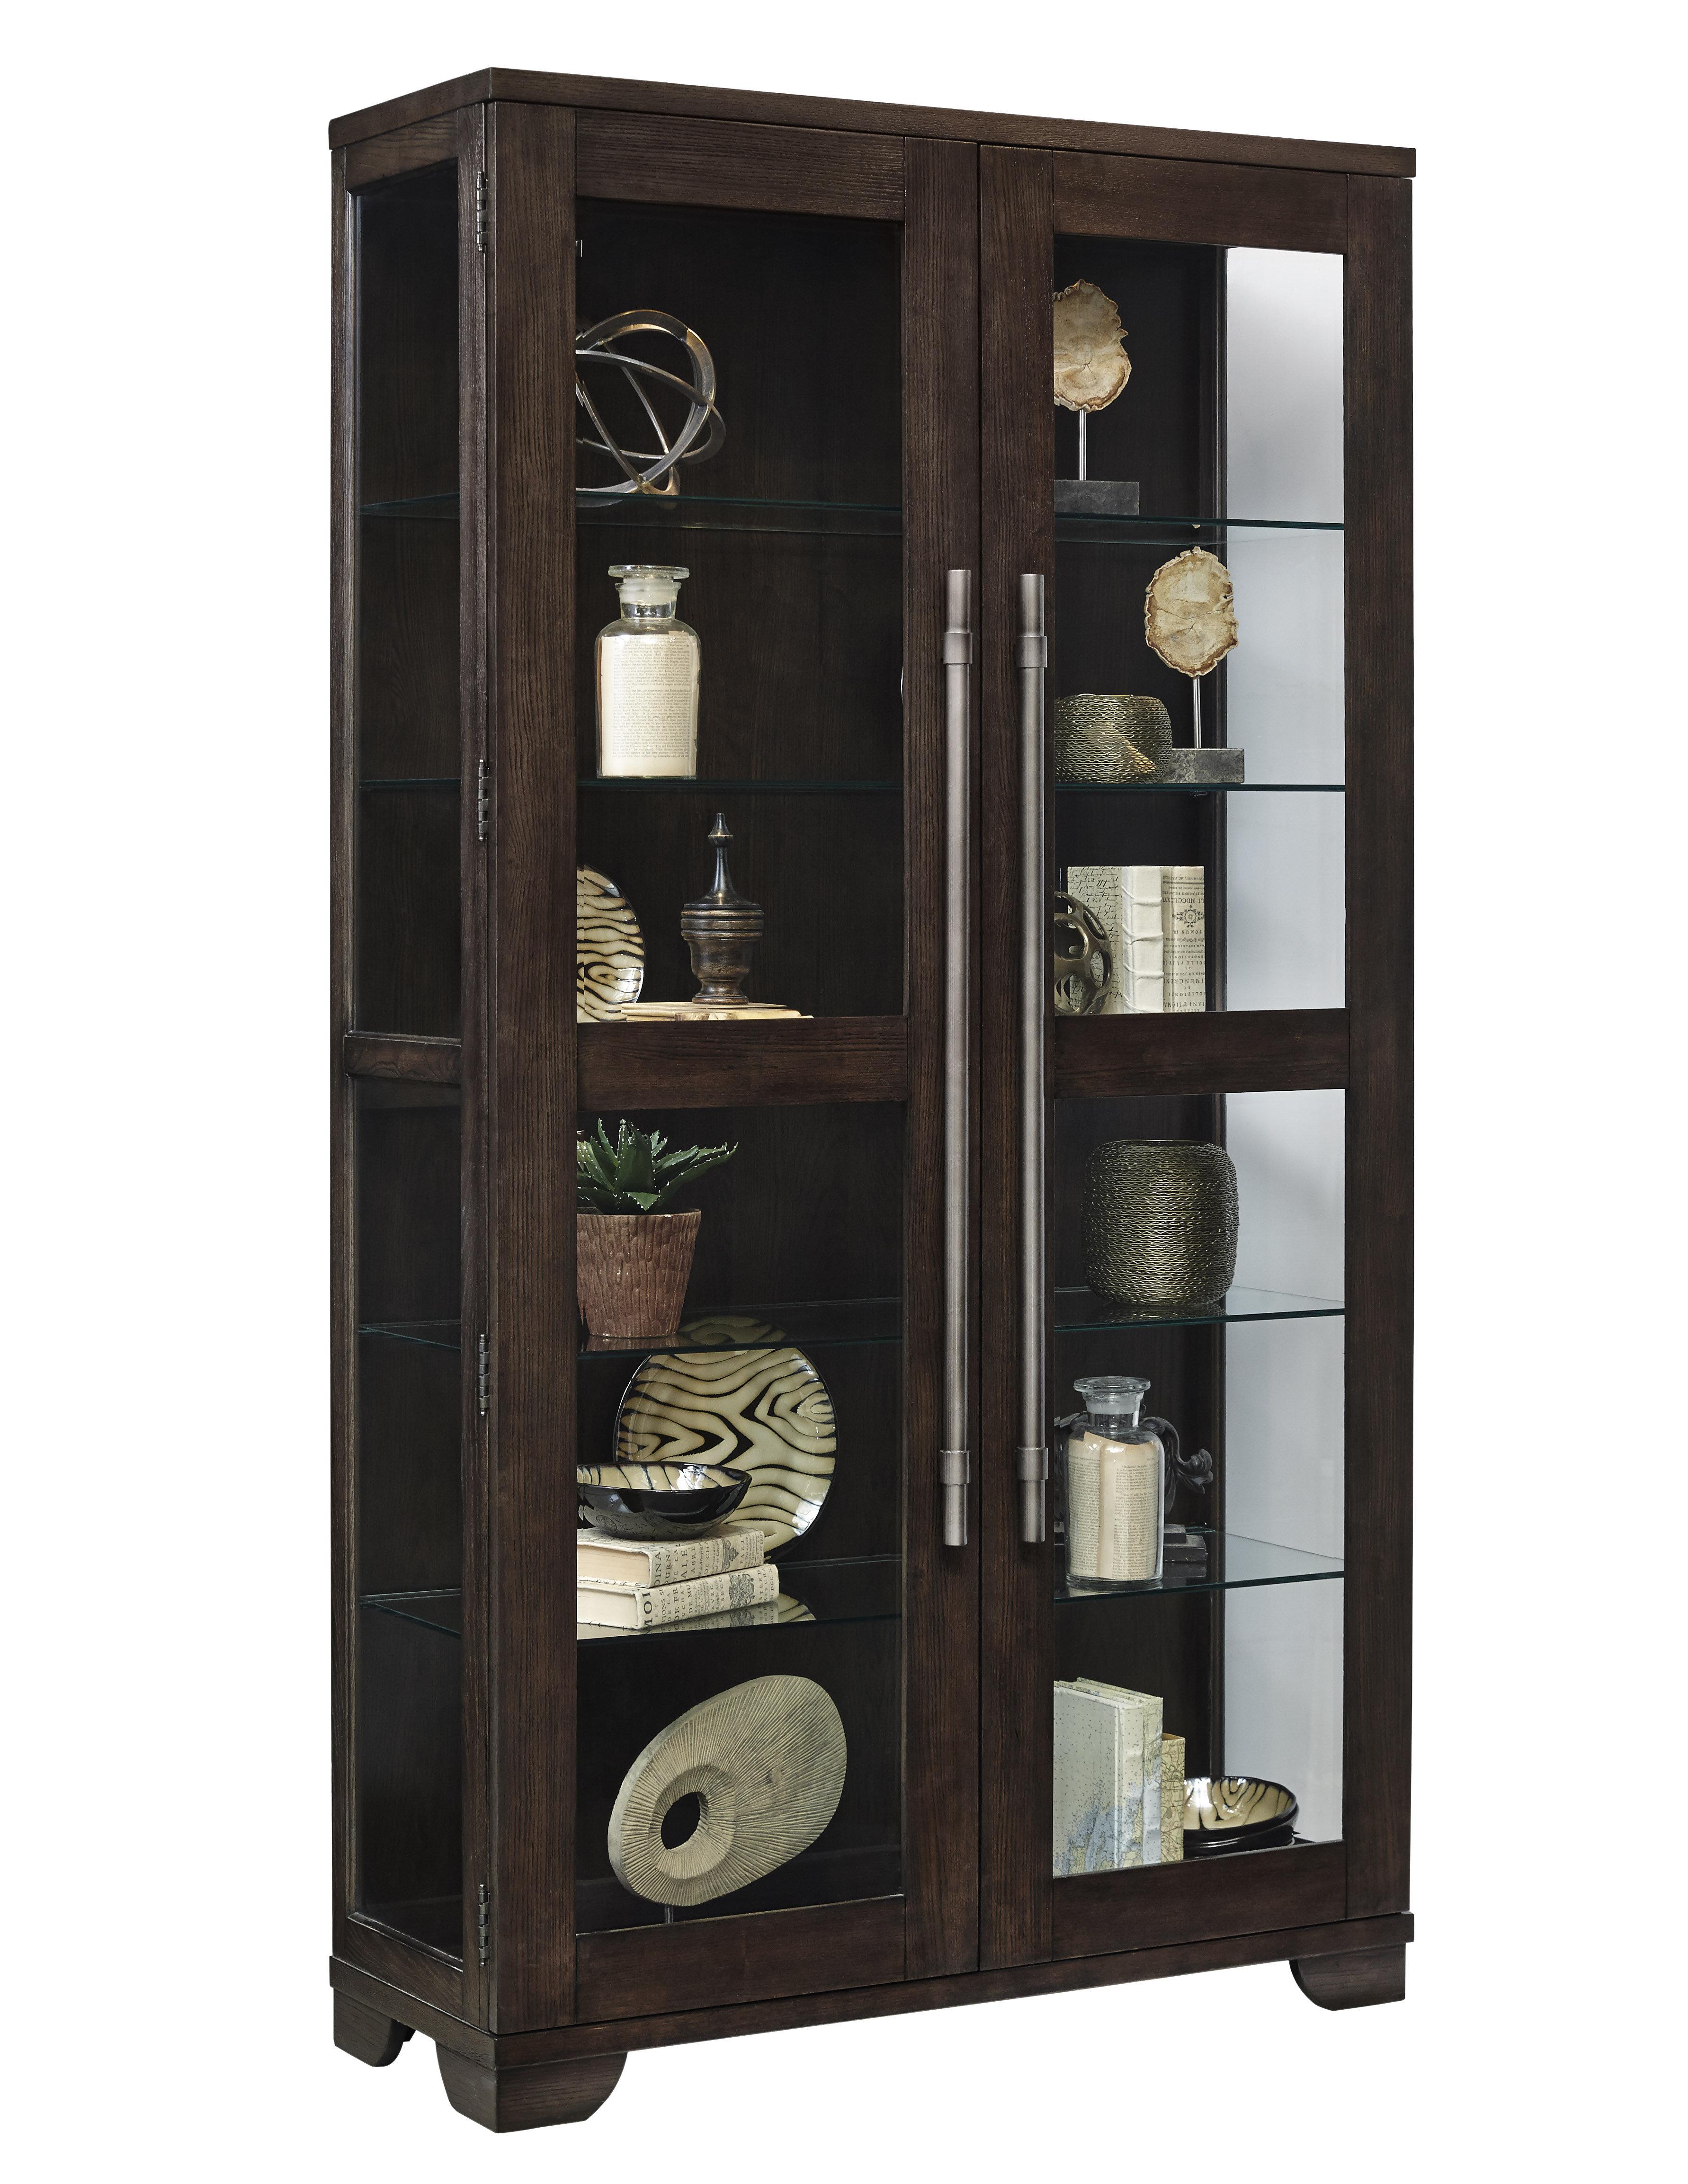 Quakertown Lighted Curio Cabinet